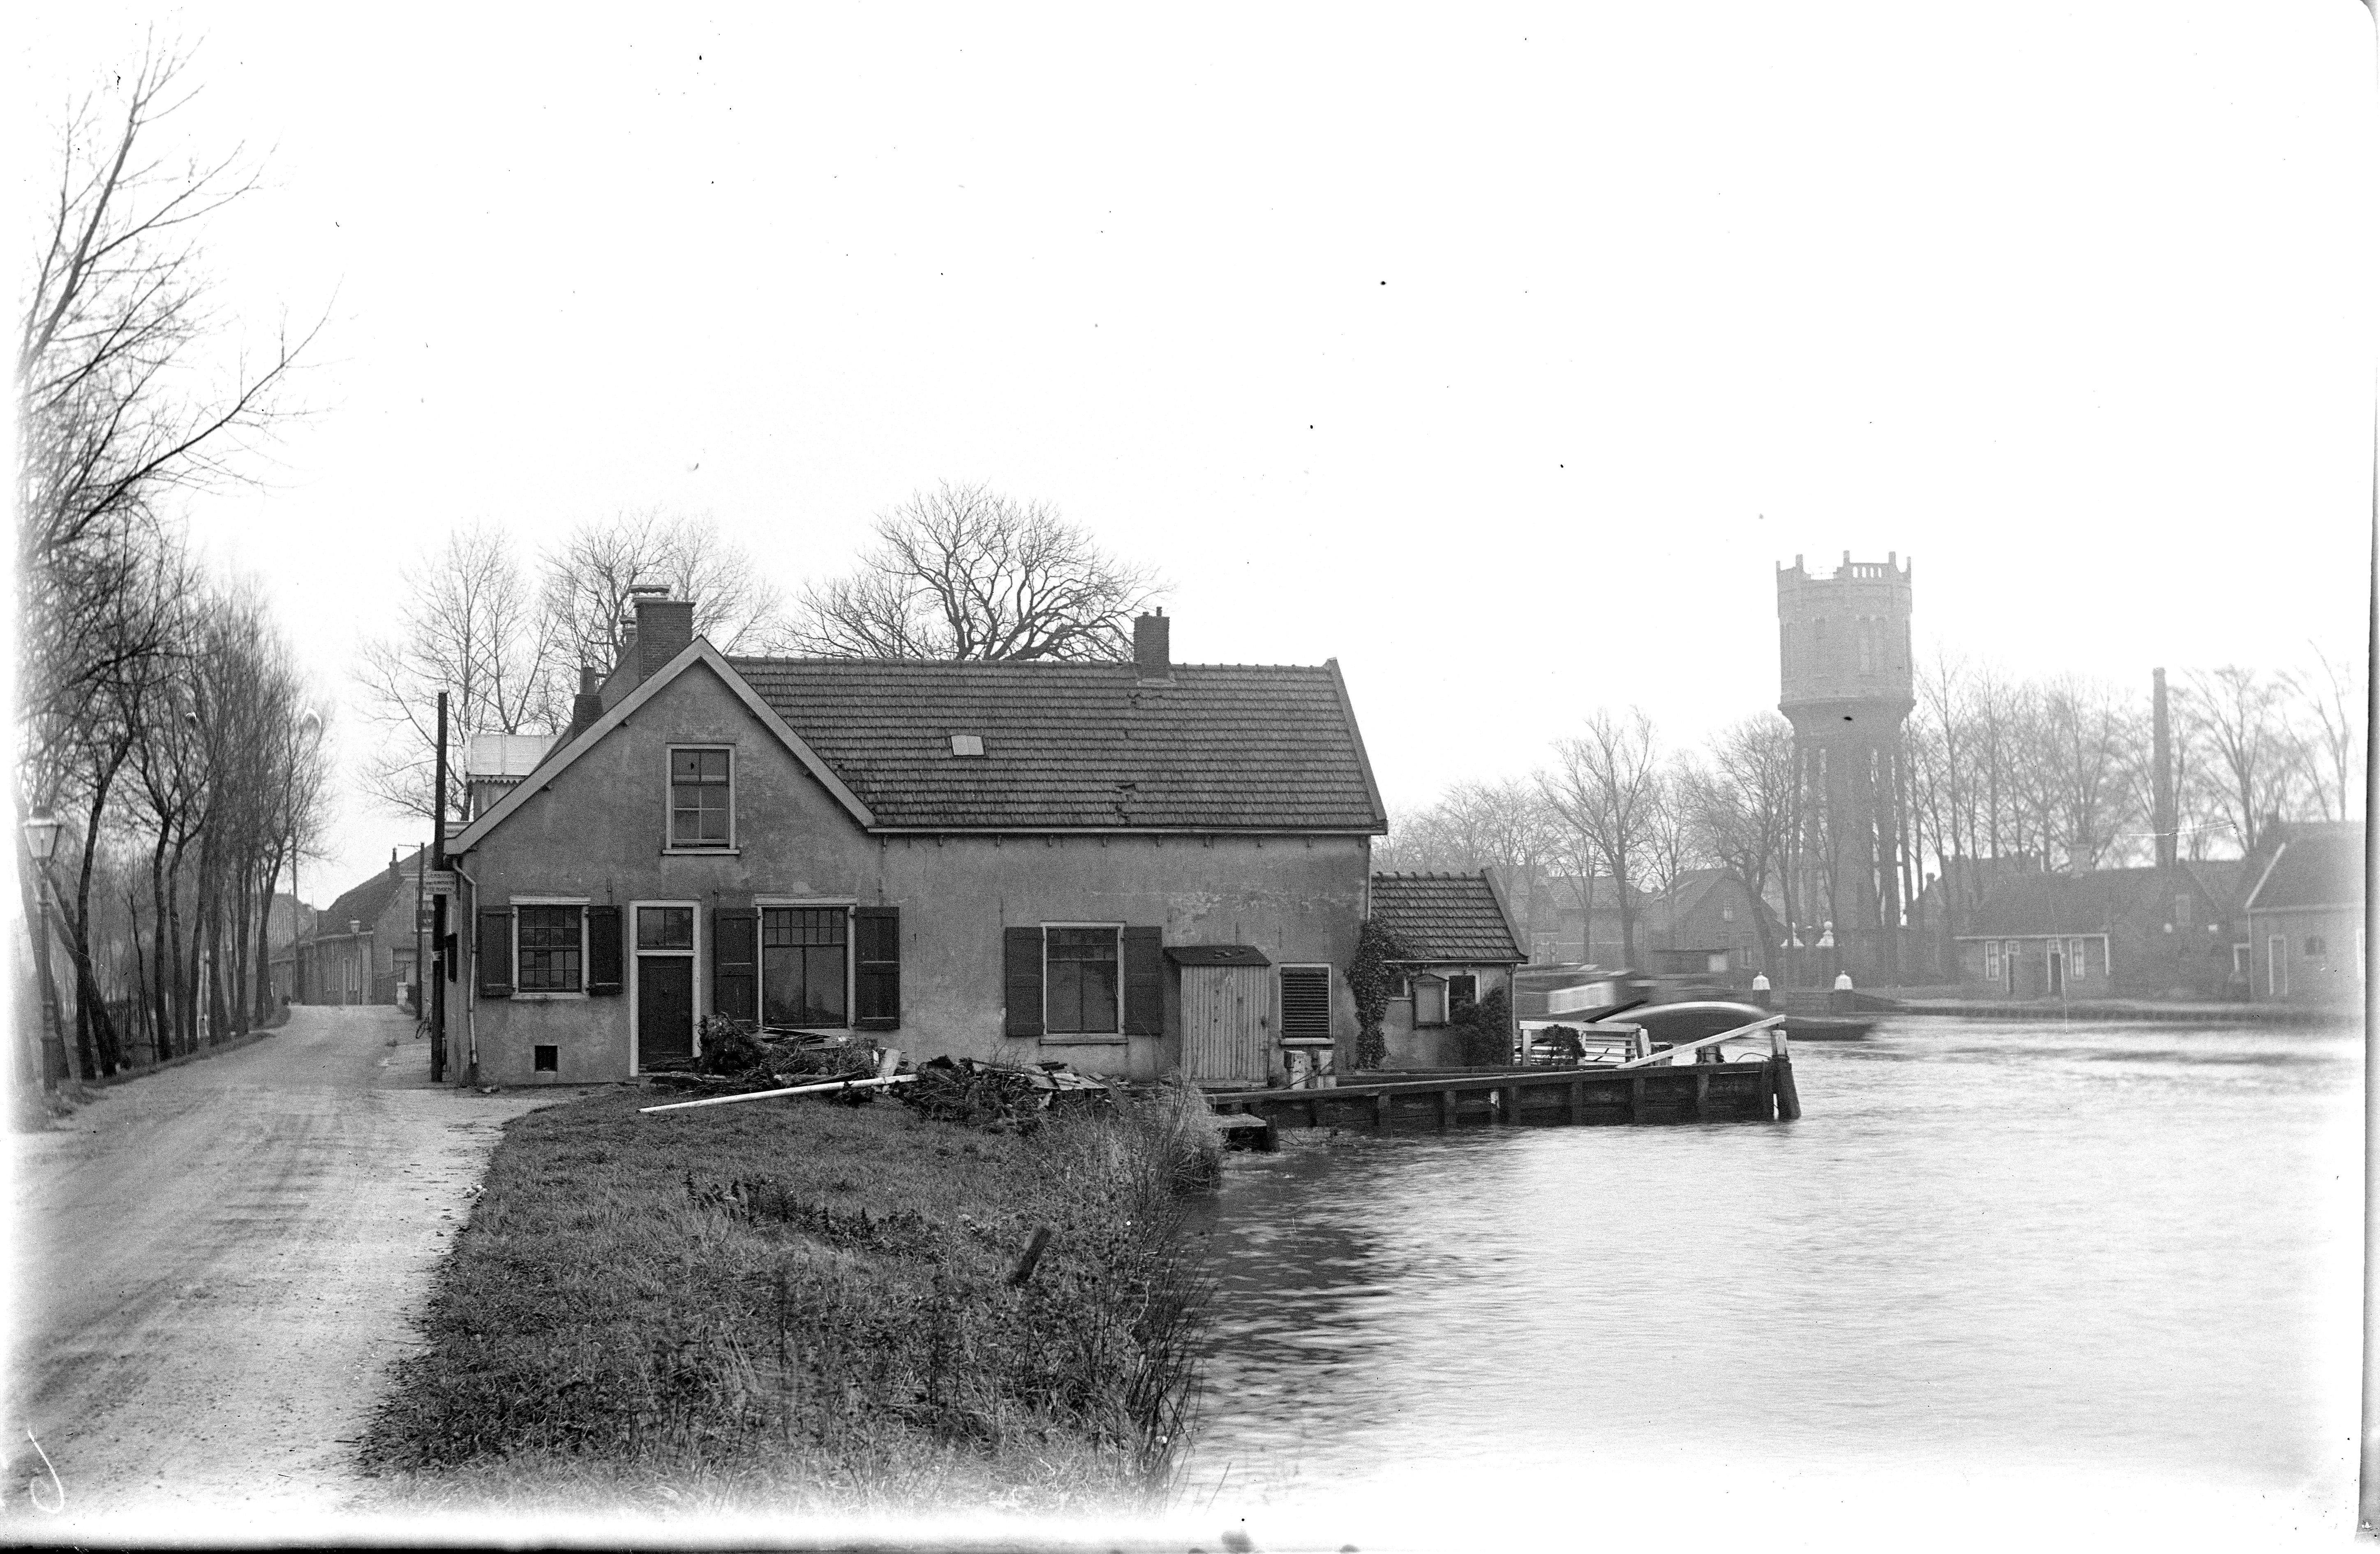 Fotoboek van 90 jaar oud over Oude Rijn nu uitgegeven: de onveranderlijke rivier met andere ogen bekeken